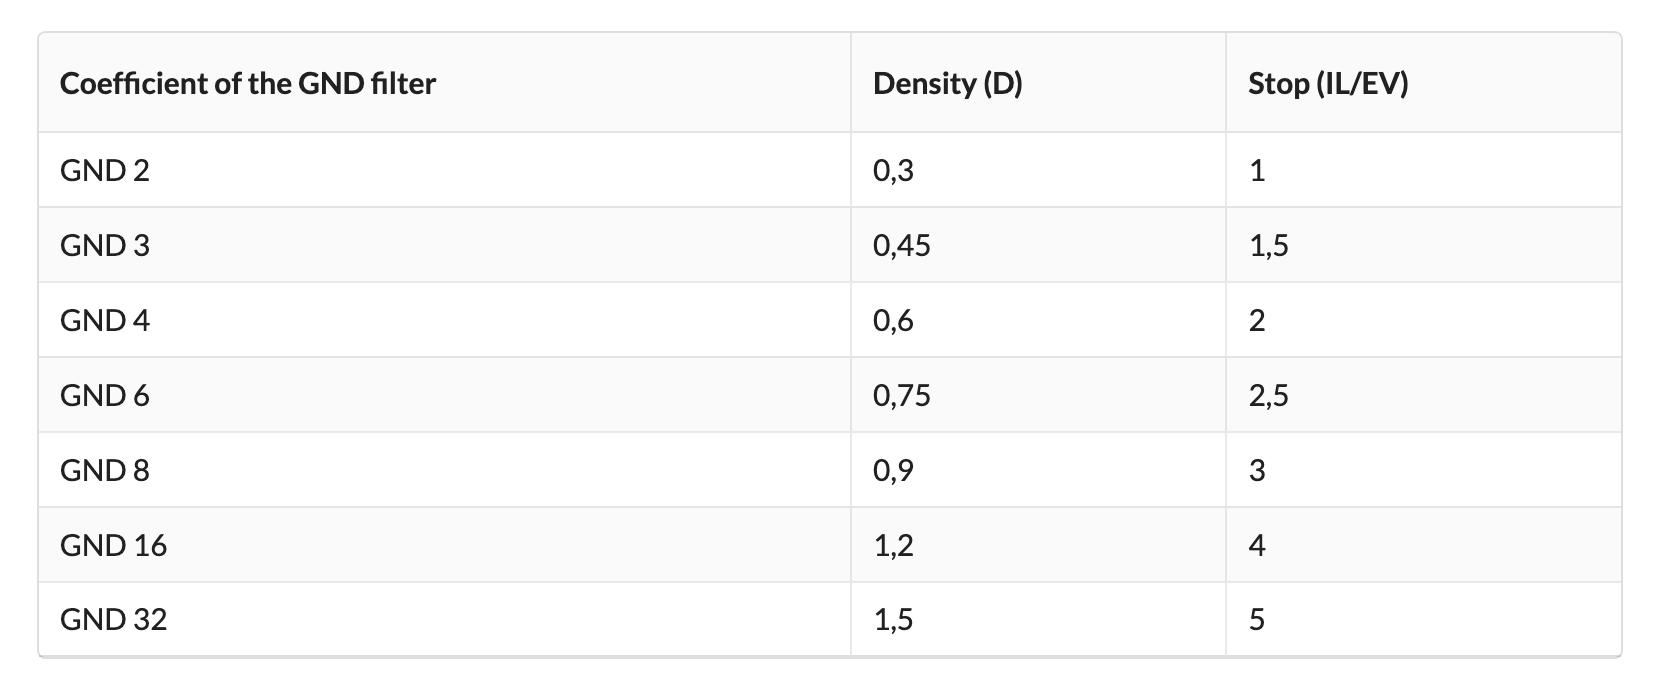 gnd filter density table